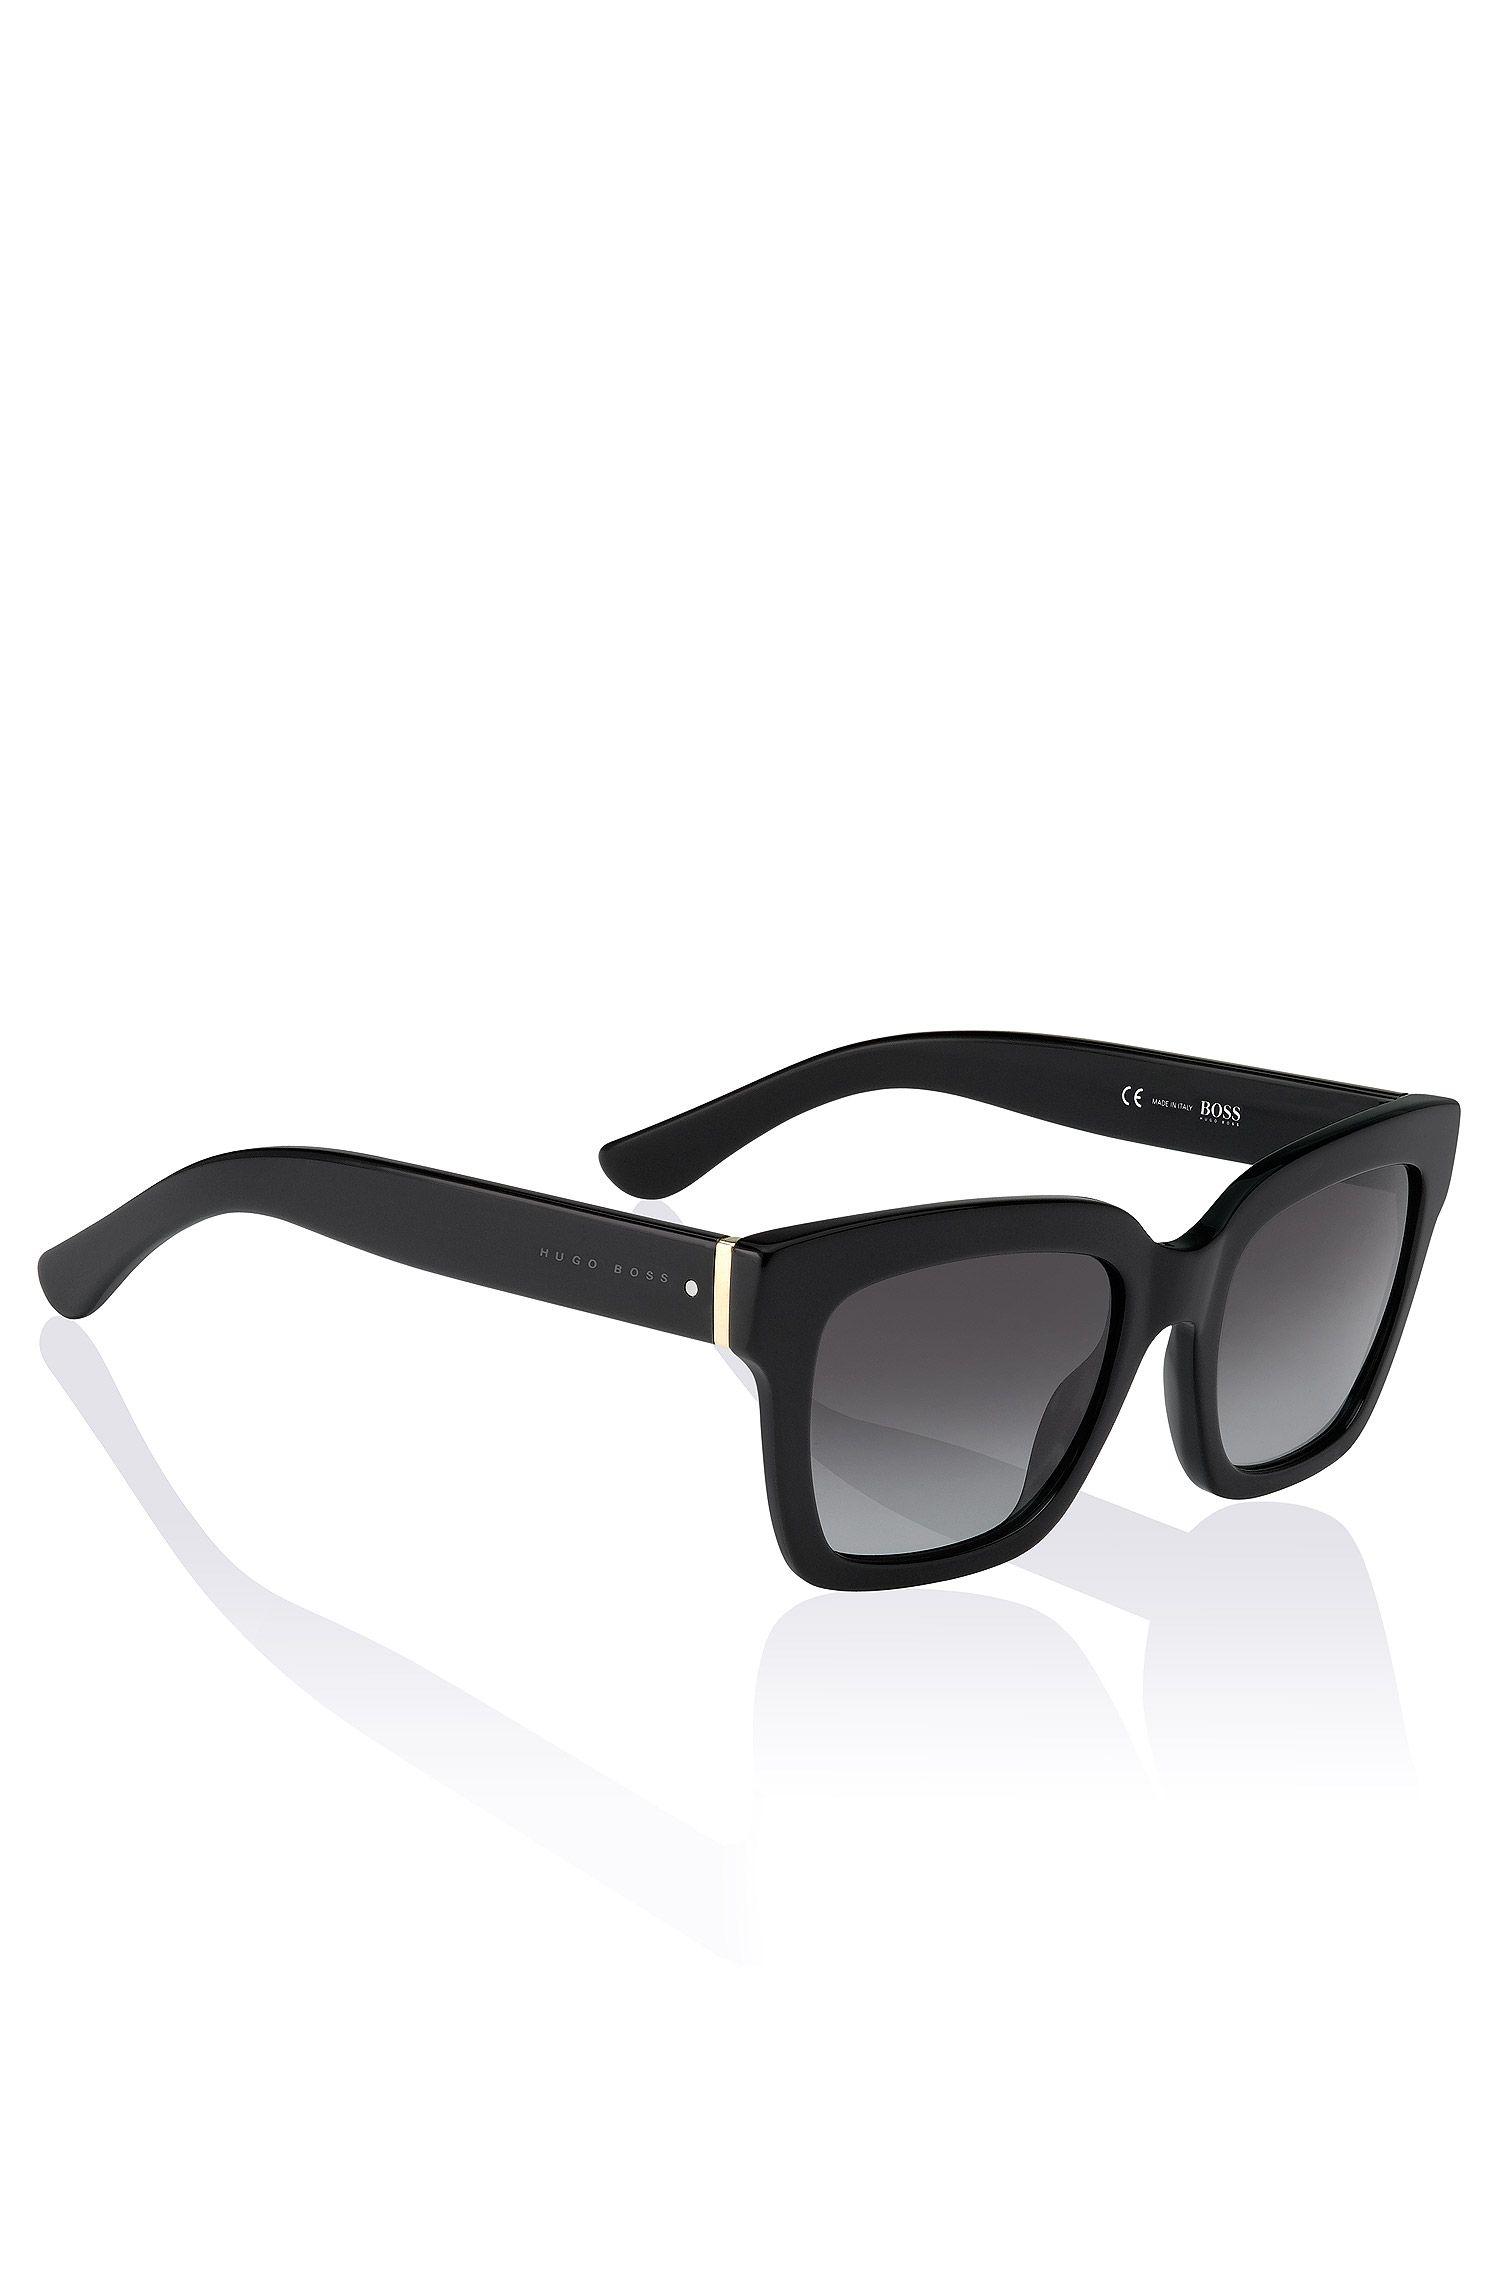 Wayfarer sunglasses 'BOSS 0674' in acetate and metal